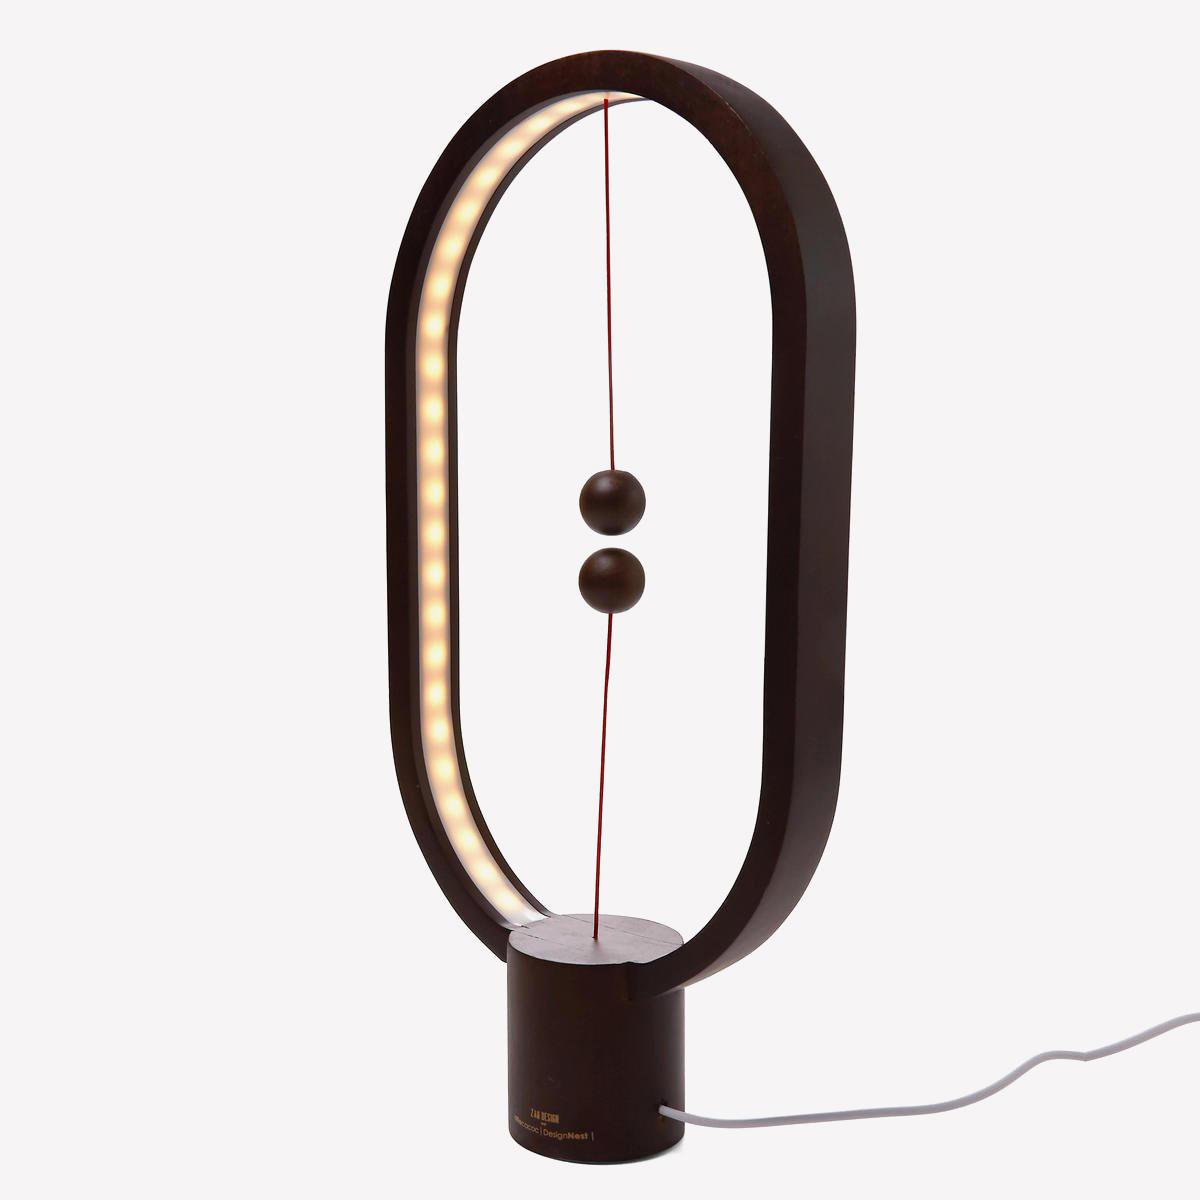 Лампа настольная Heng balance allocacoc (деревянная)